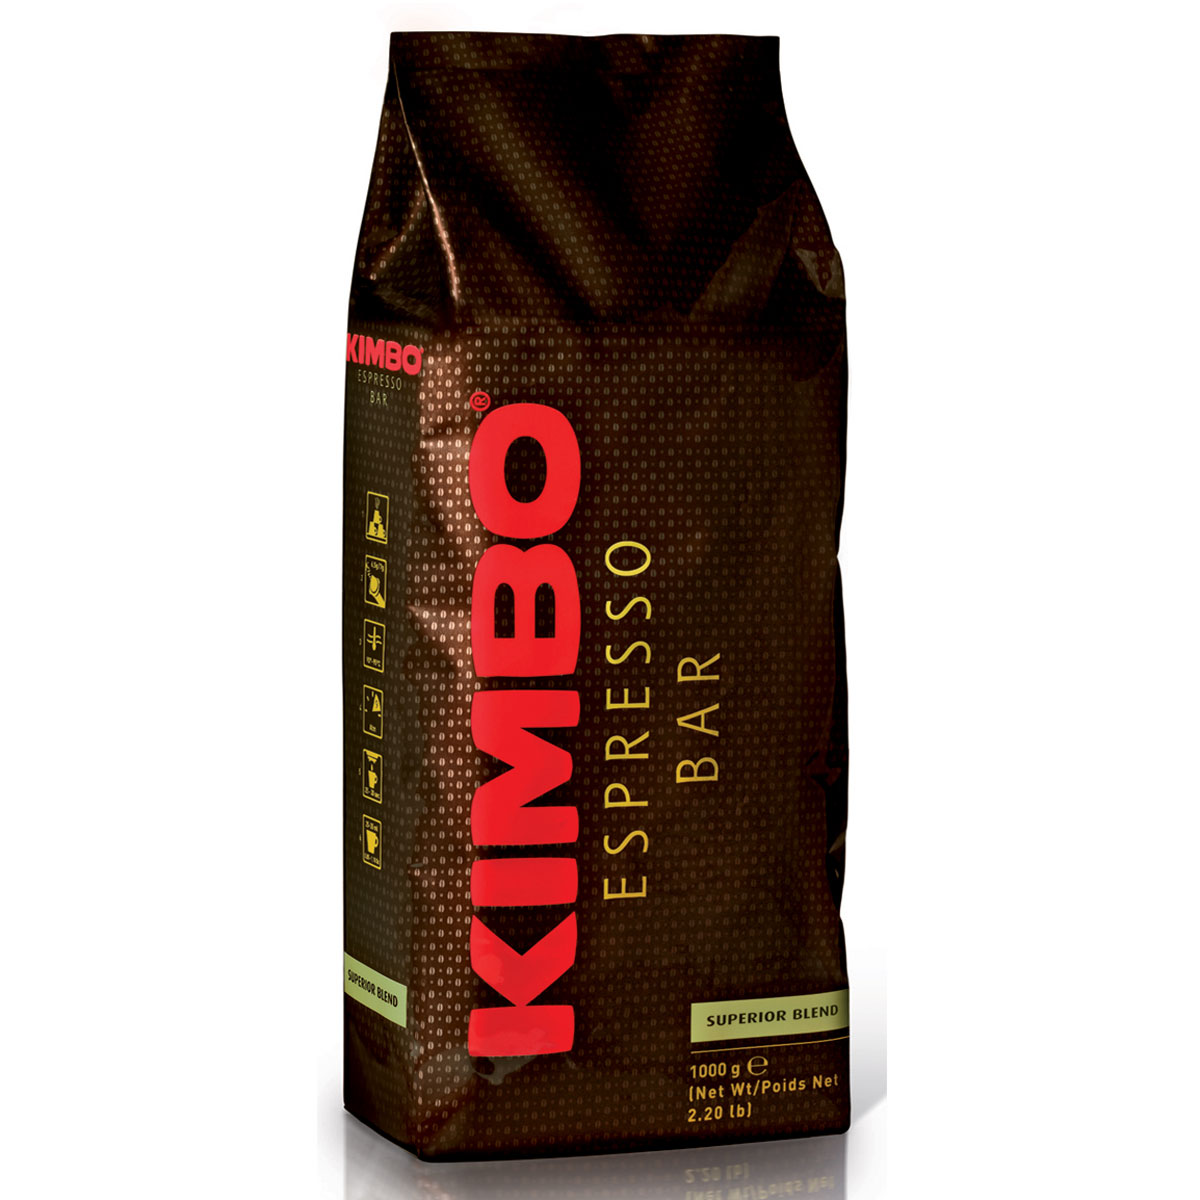 Kimbo Superior Blend кофе в зернах, 1 кг8002200140021Кофе зерновой натуральный жареный Kimbo Superior Blend. Гармоничная смесь для эспрессо, составленная преимущественно из сортов арабики, с устойчивым ароматом и сладковатым, мягким вкусом. Смесь содержит 90% арабики и 10% робусты.